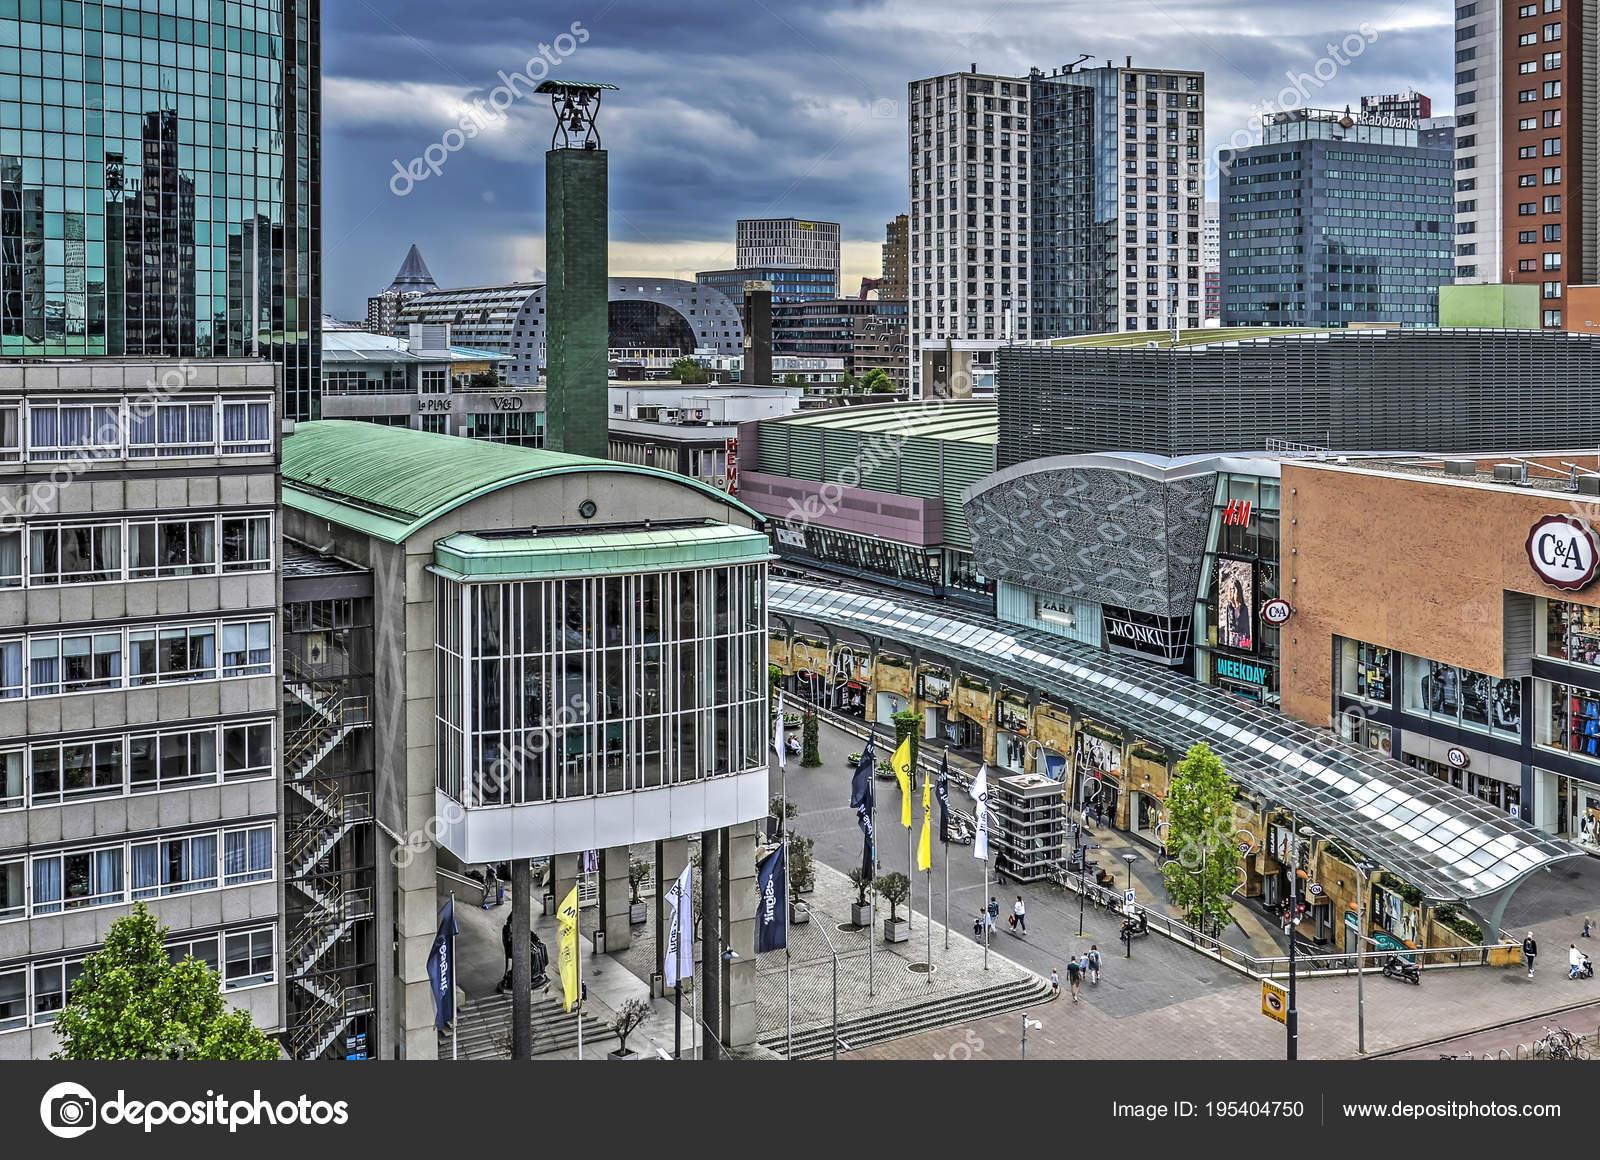 Rotterdam Netherlands June 2017 View Koopgoot Shopping Mall